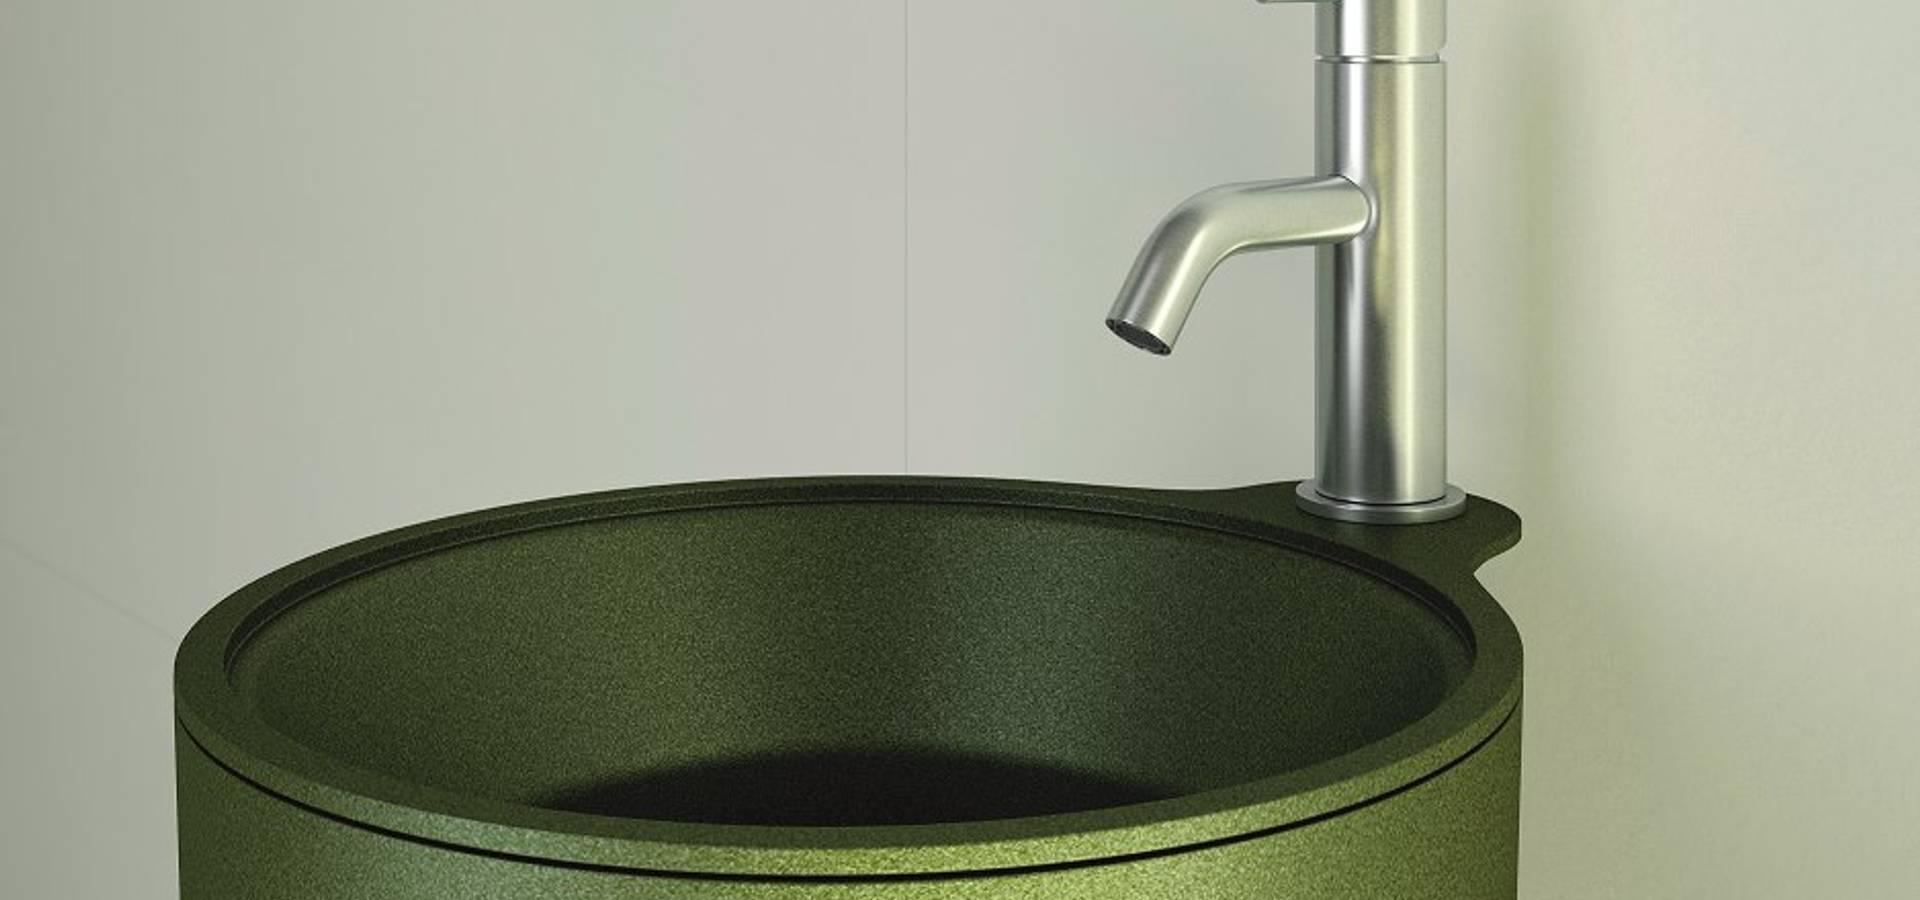 Water evolution grifer a para la cocina y el ba o en maia for Griferia para bano y cocina